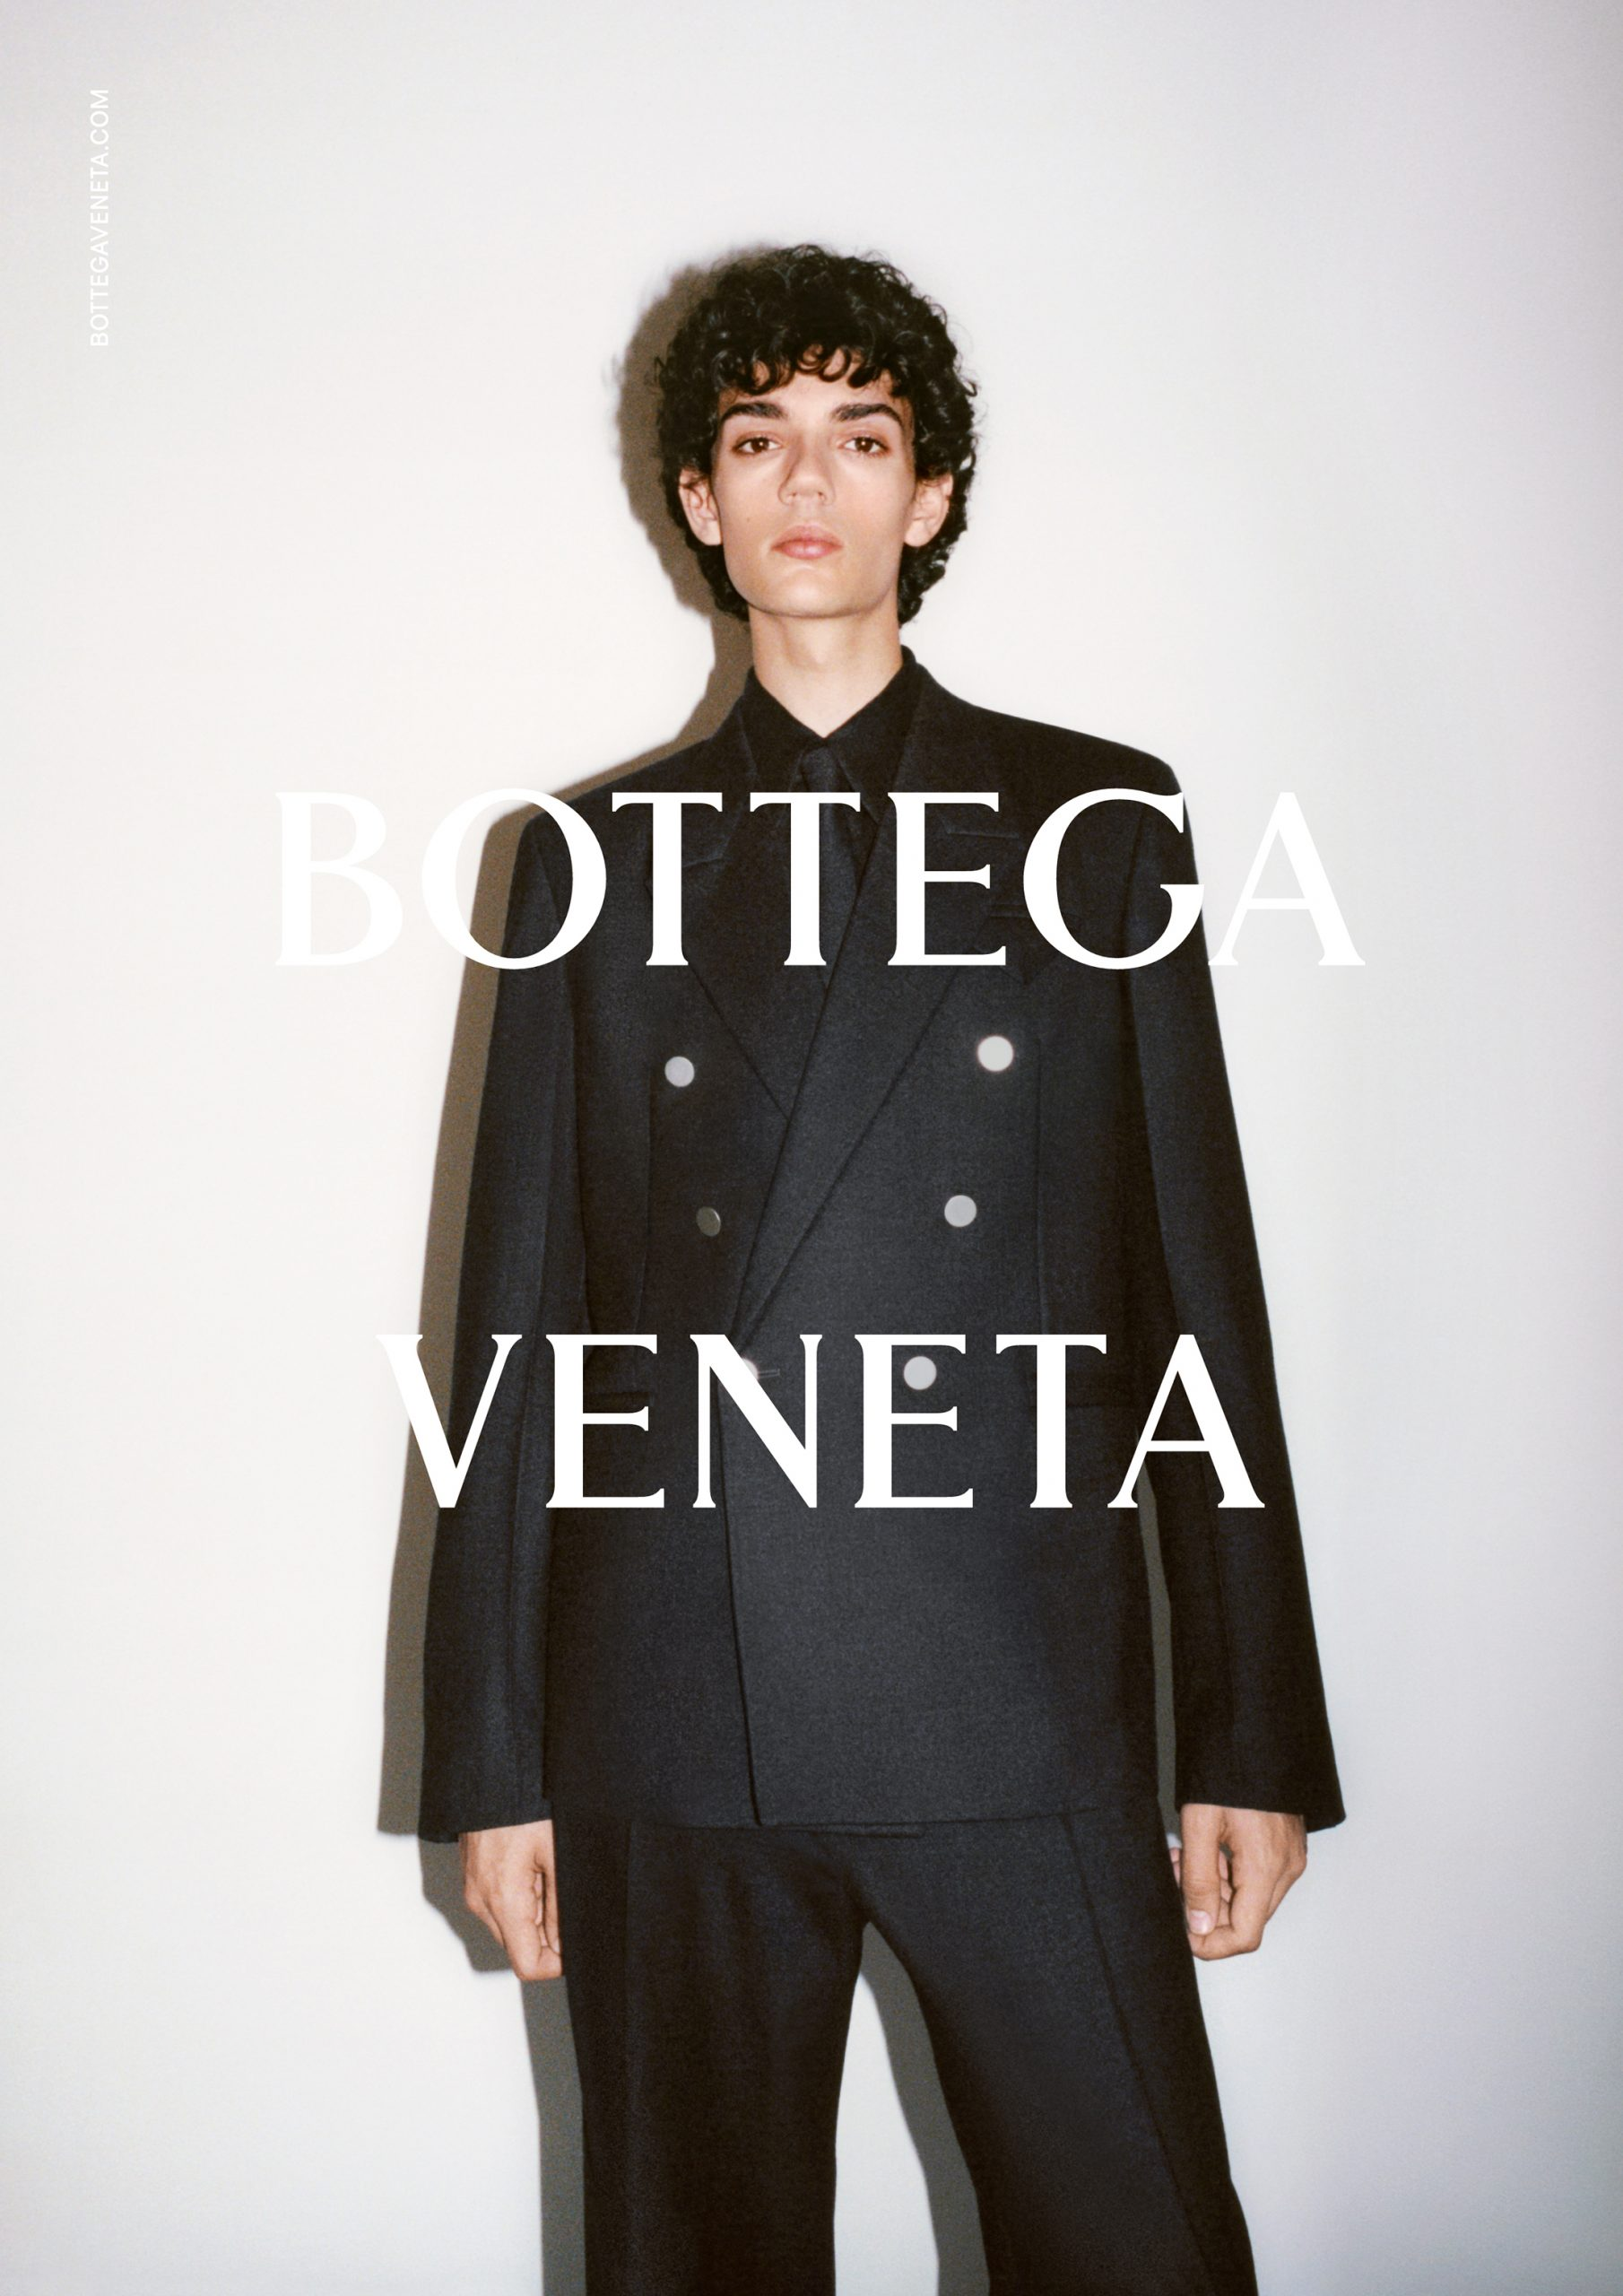 Bottega Veneta Resort 2021 Ad Campaign Photos